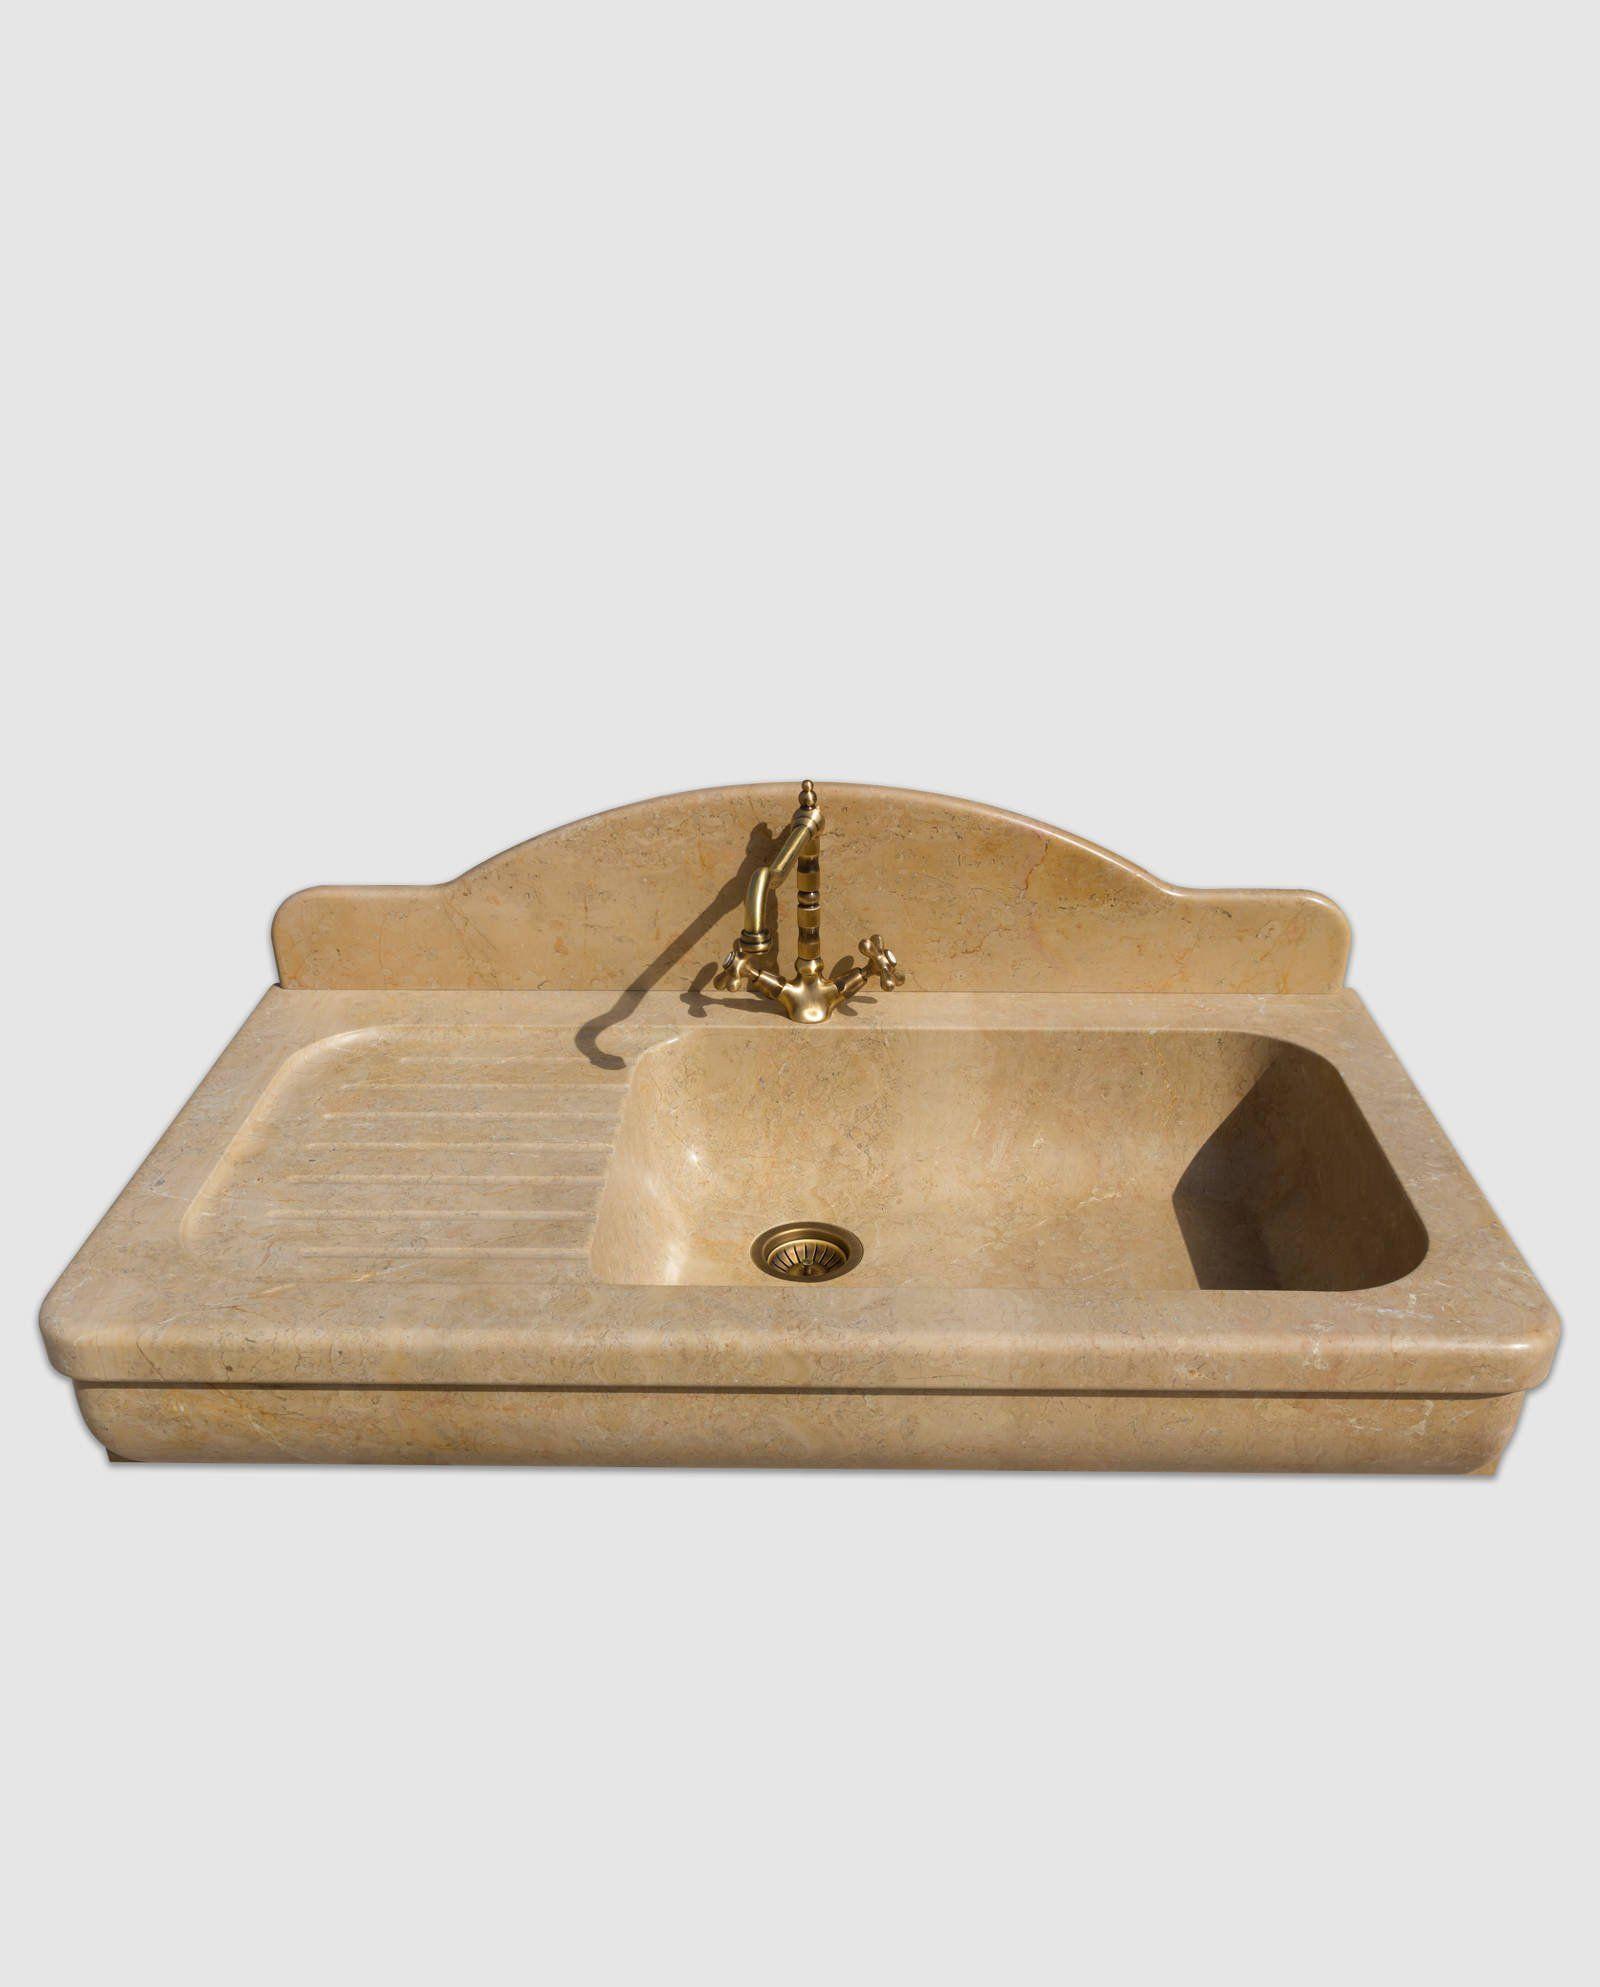 Lavandino Cucina Con Gocciolatoio lavello in marmo mod. amantea con gocciolatoio (con immagini